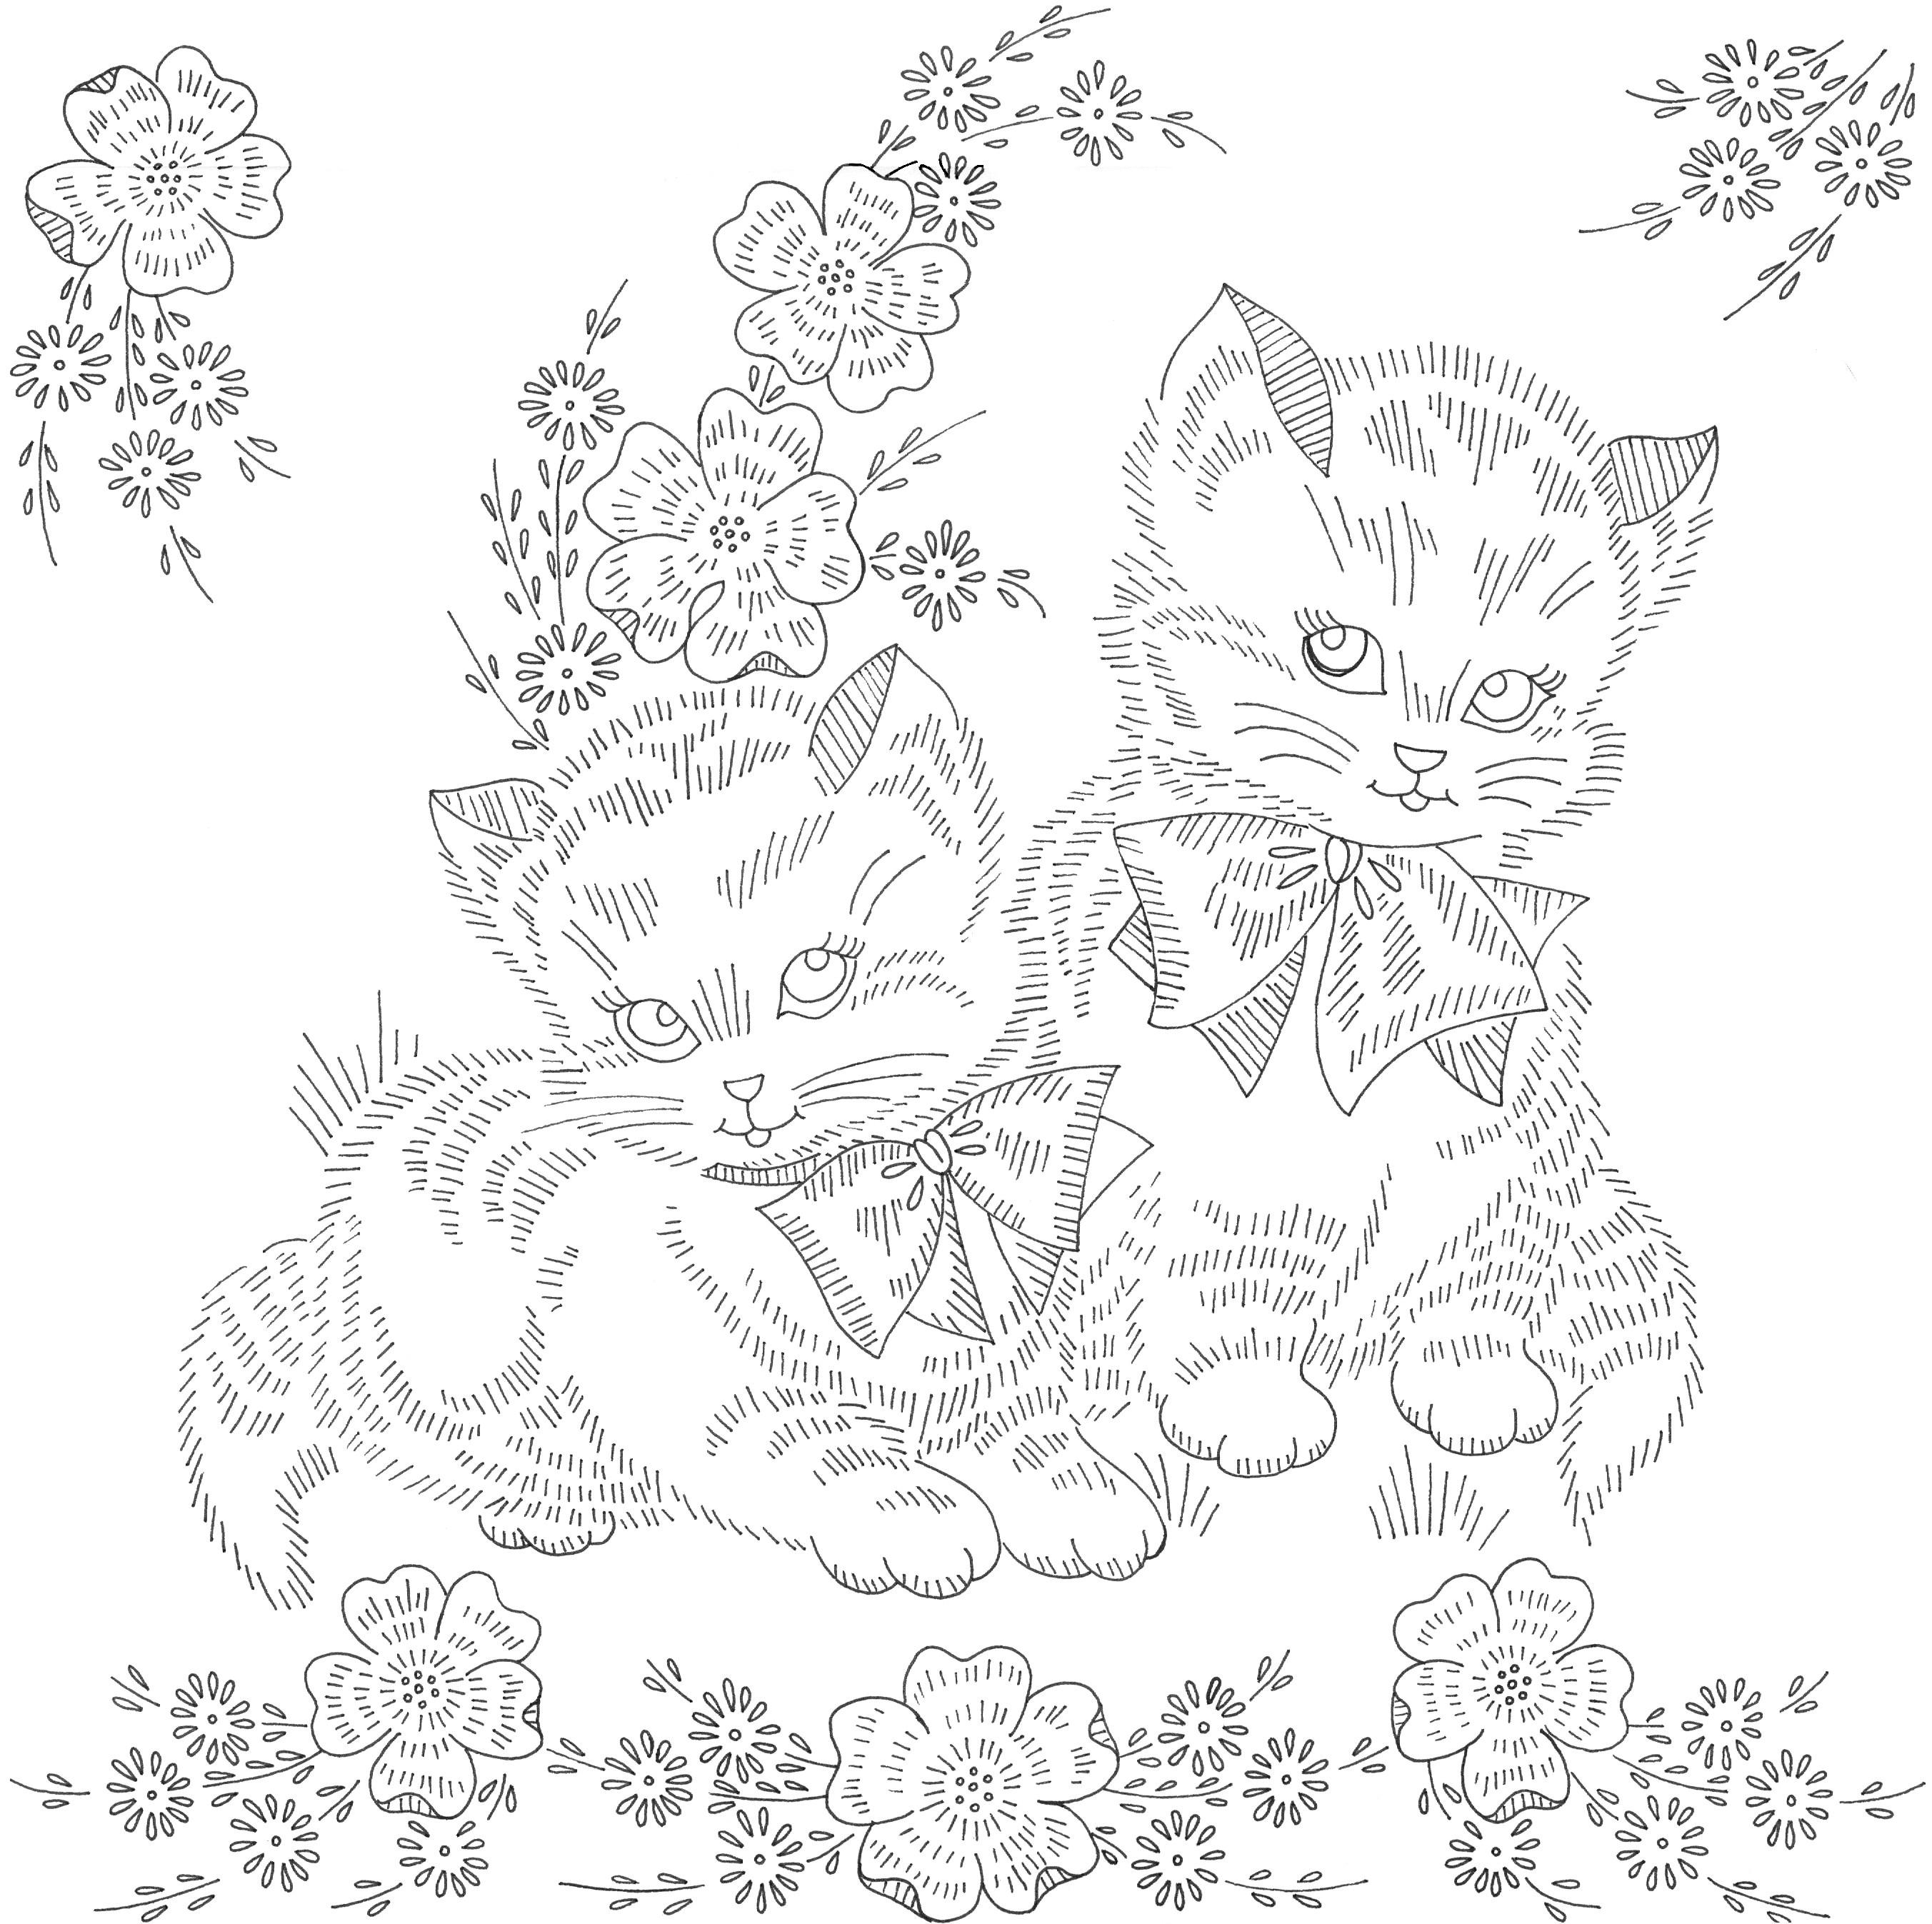 kittens preprinted linen